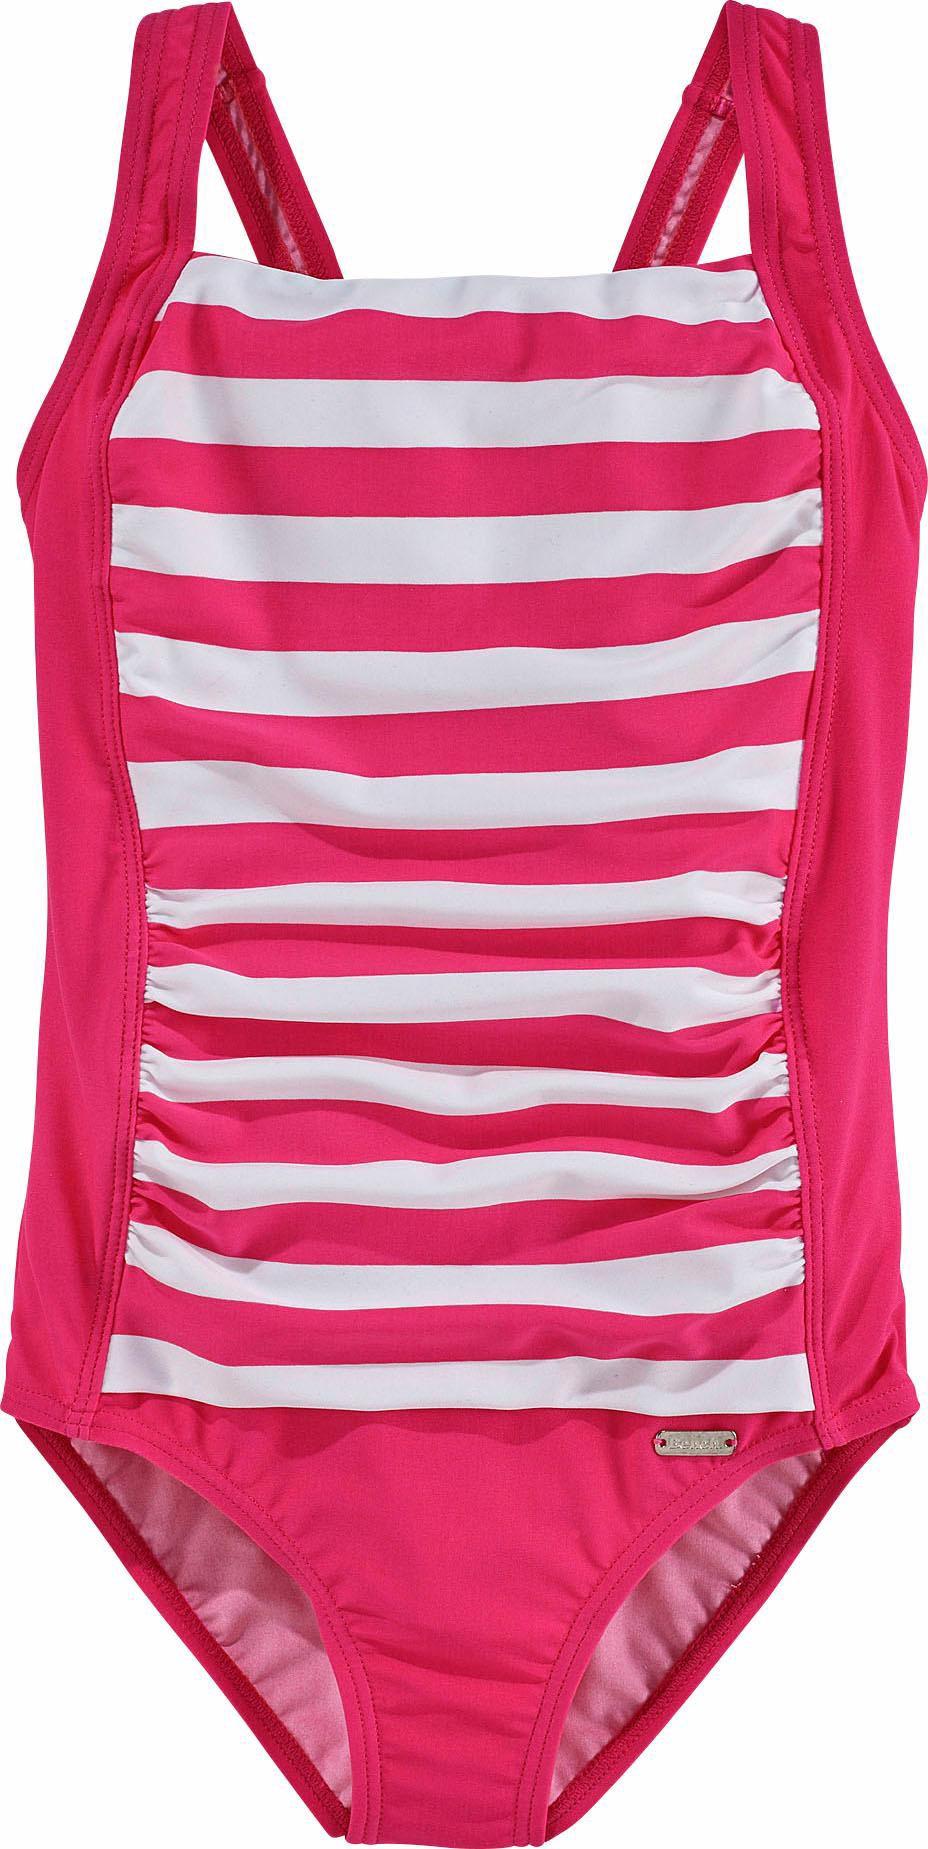 BENCH Bench Badeanzug mit trendigen Streifen